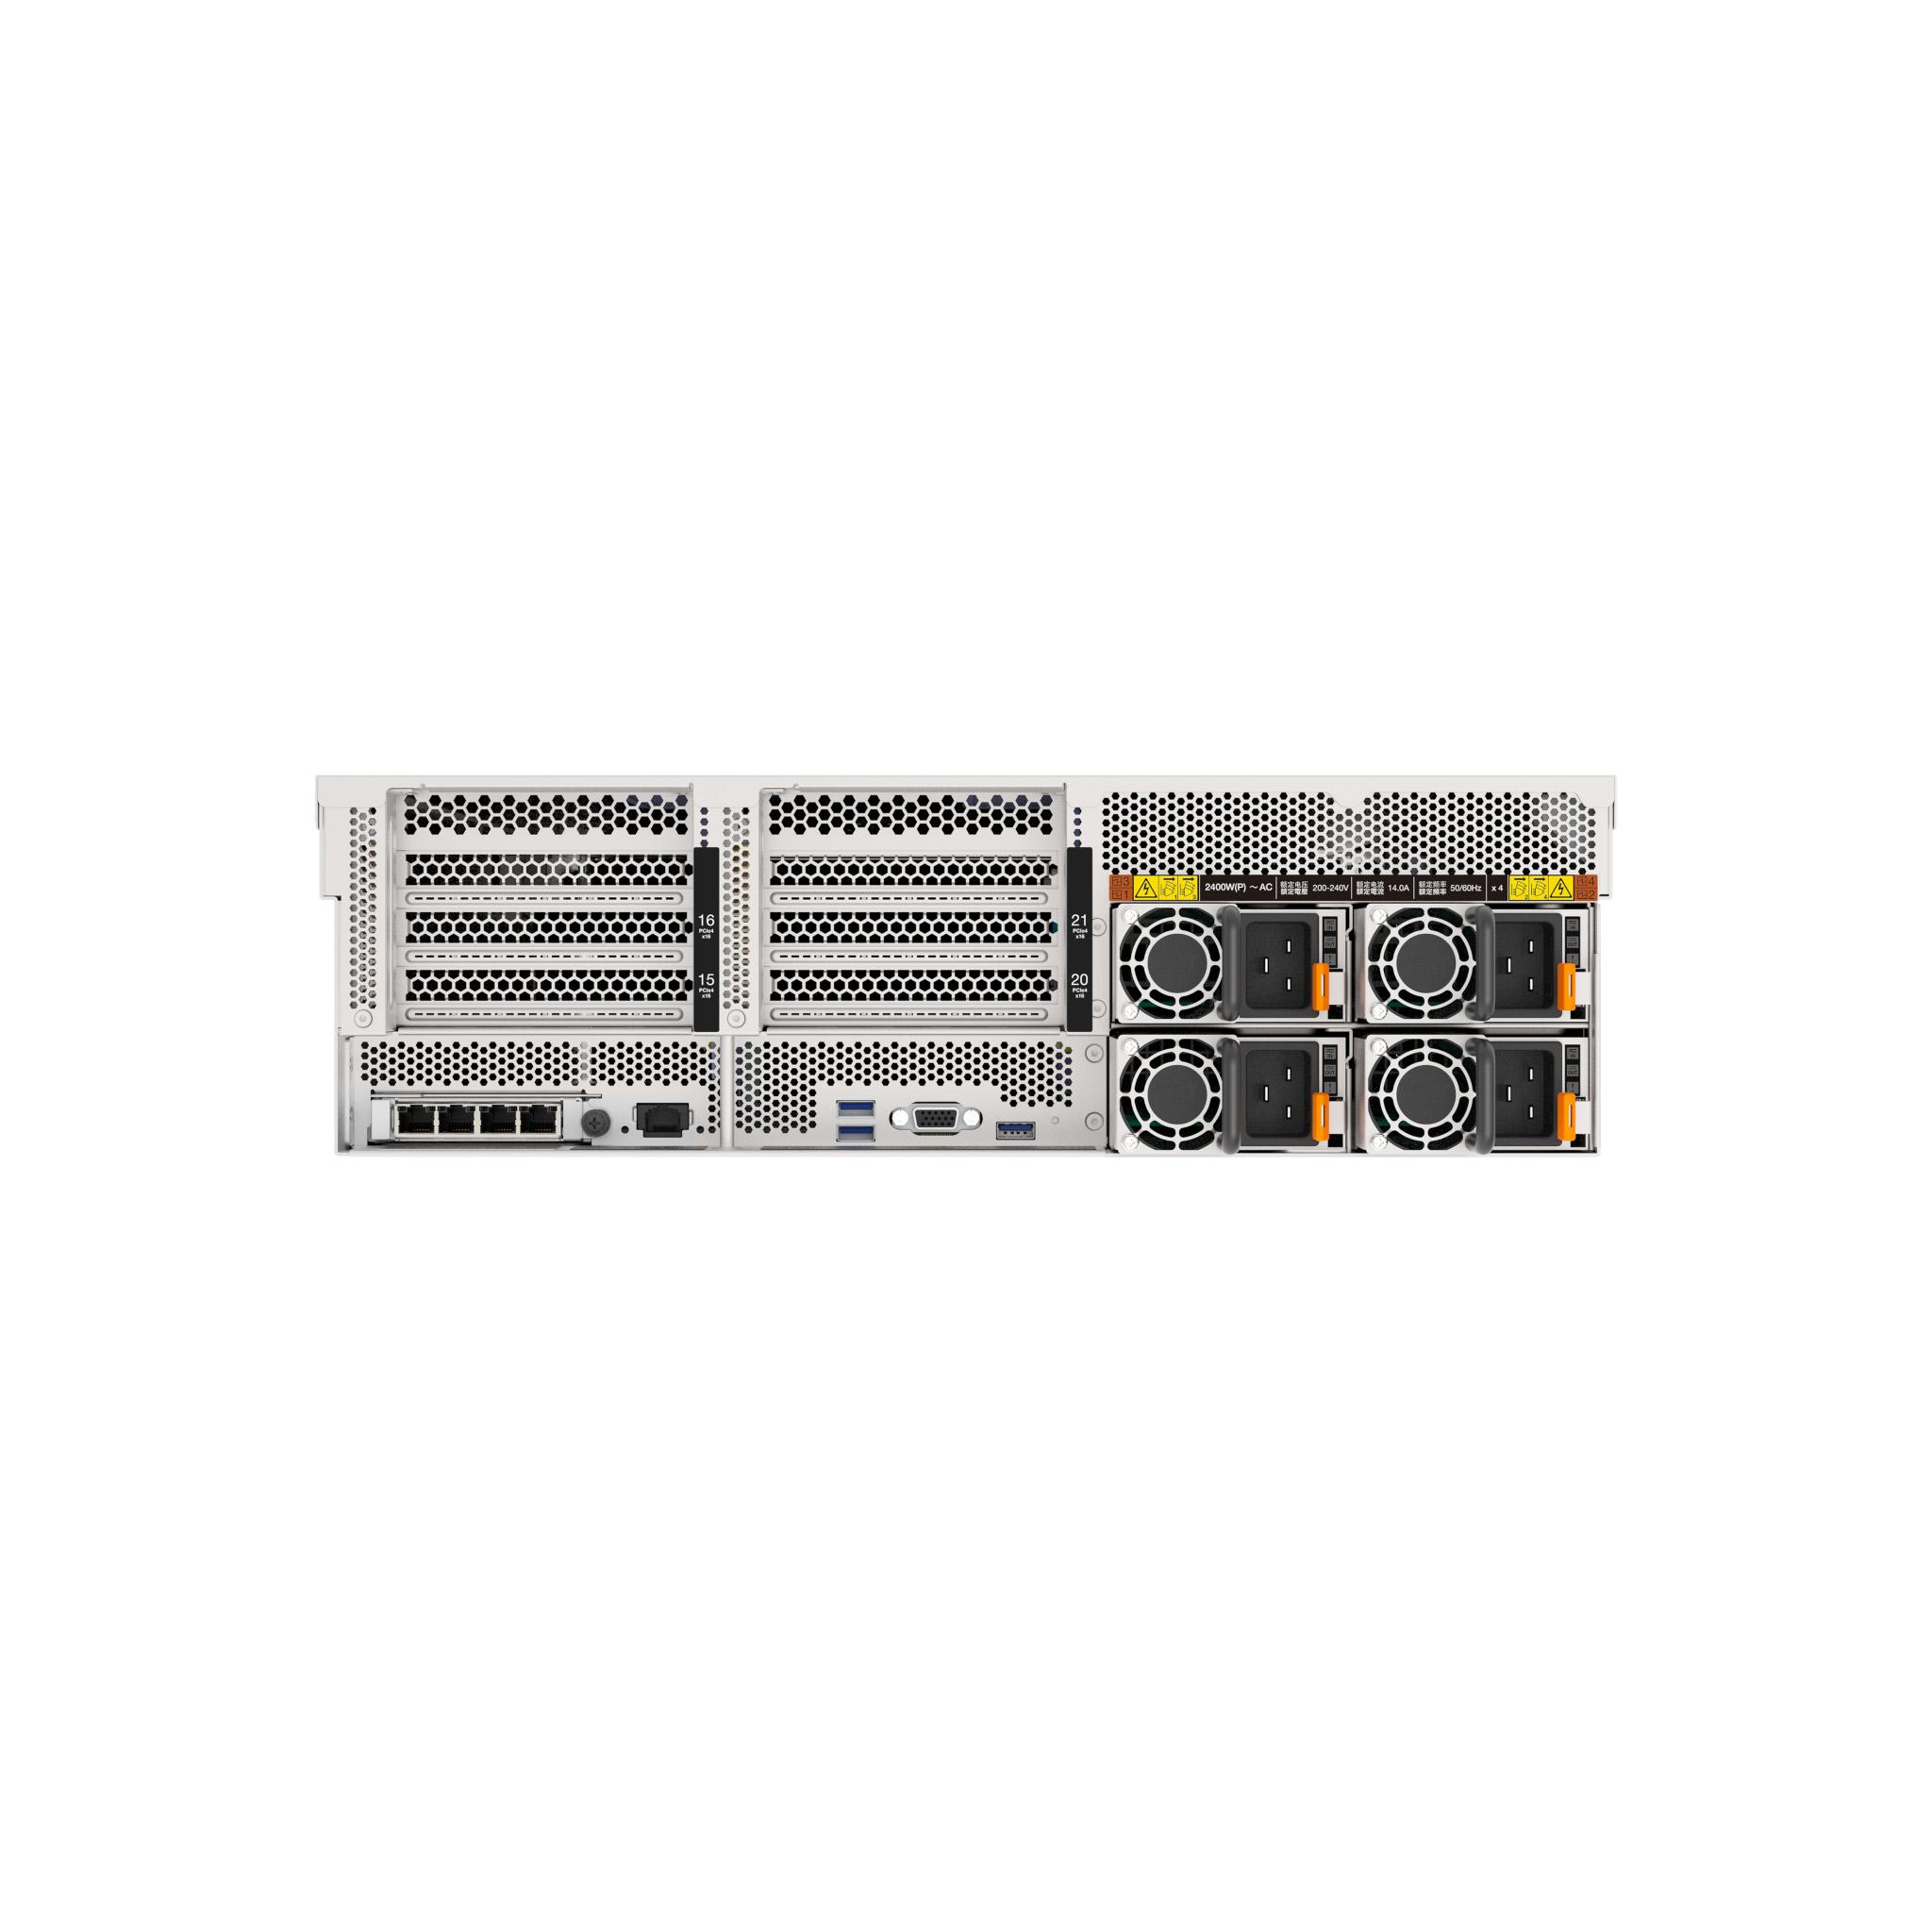 Lenovo ThinkSystem SR670 V2 with Neptune™ liquid cooling